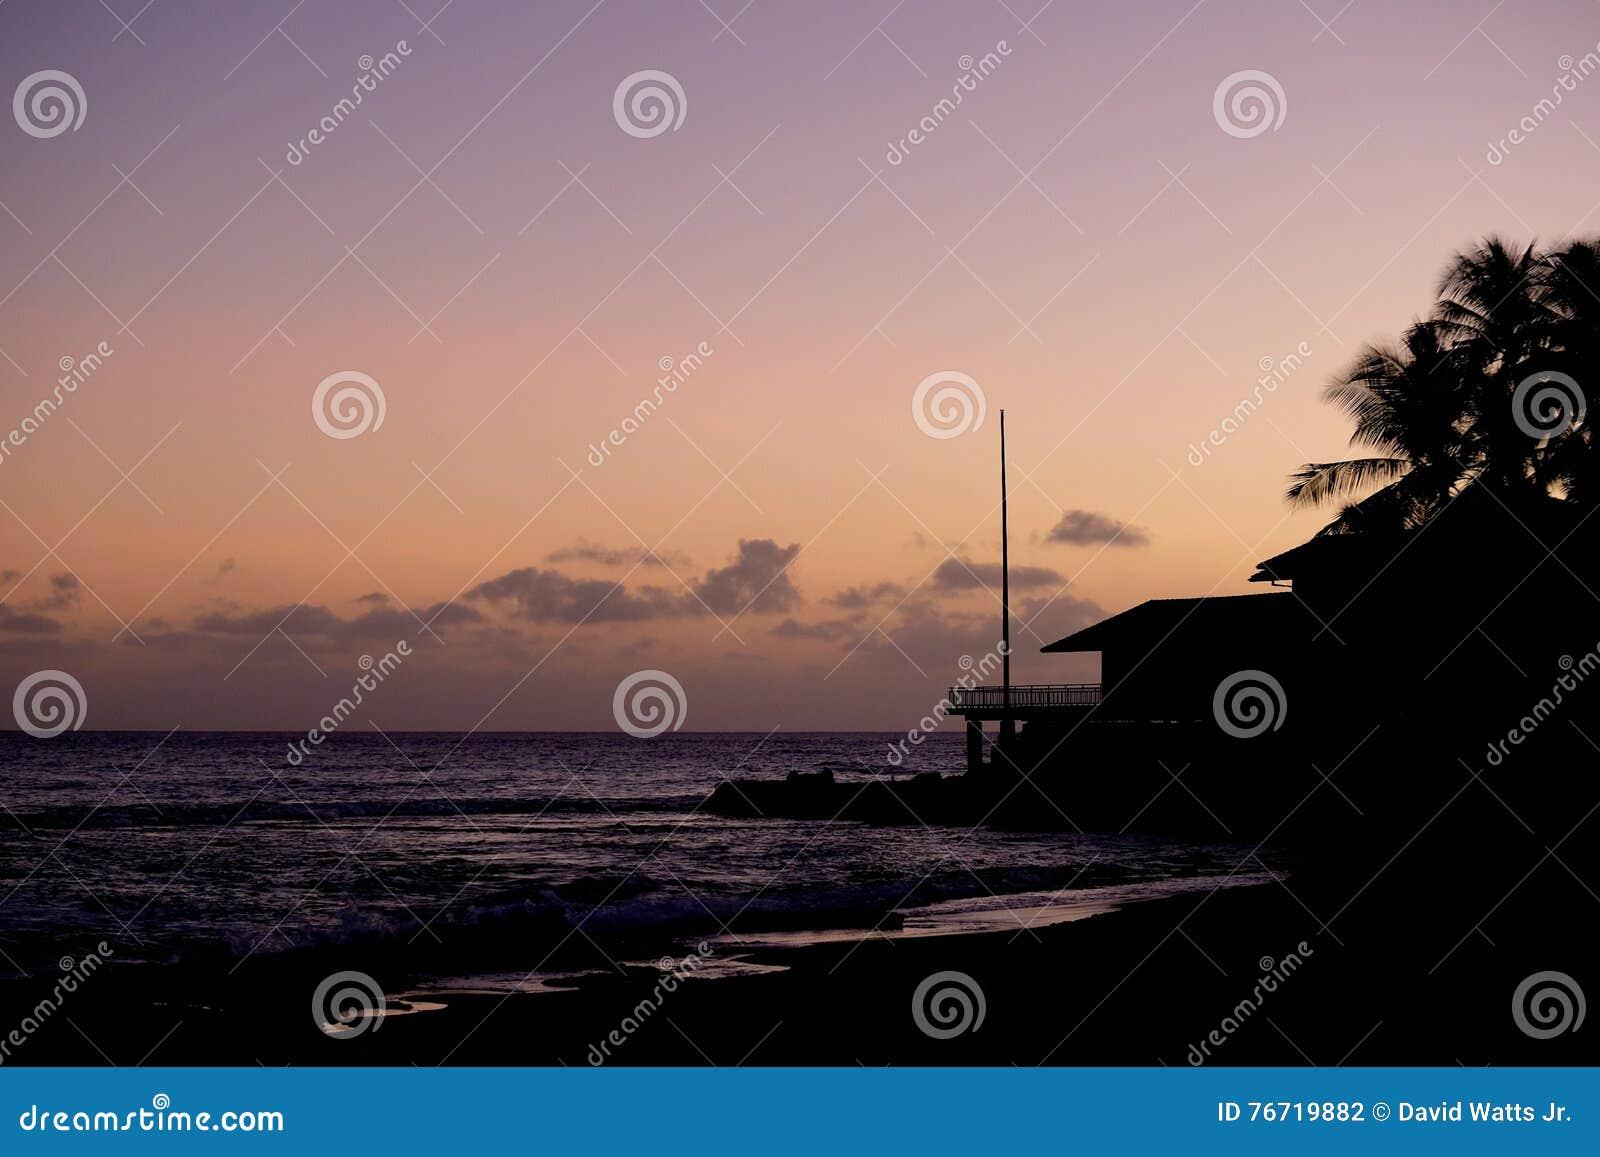 Hawaiian silhouette sunset